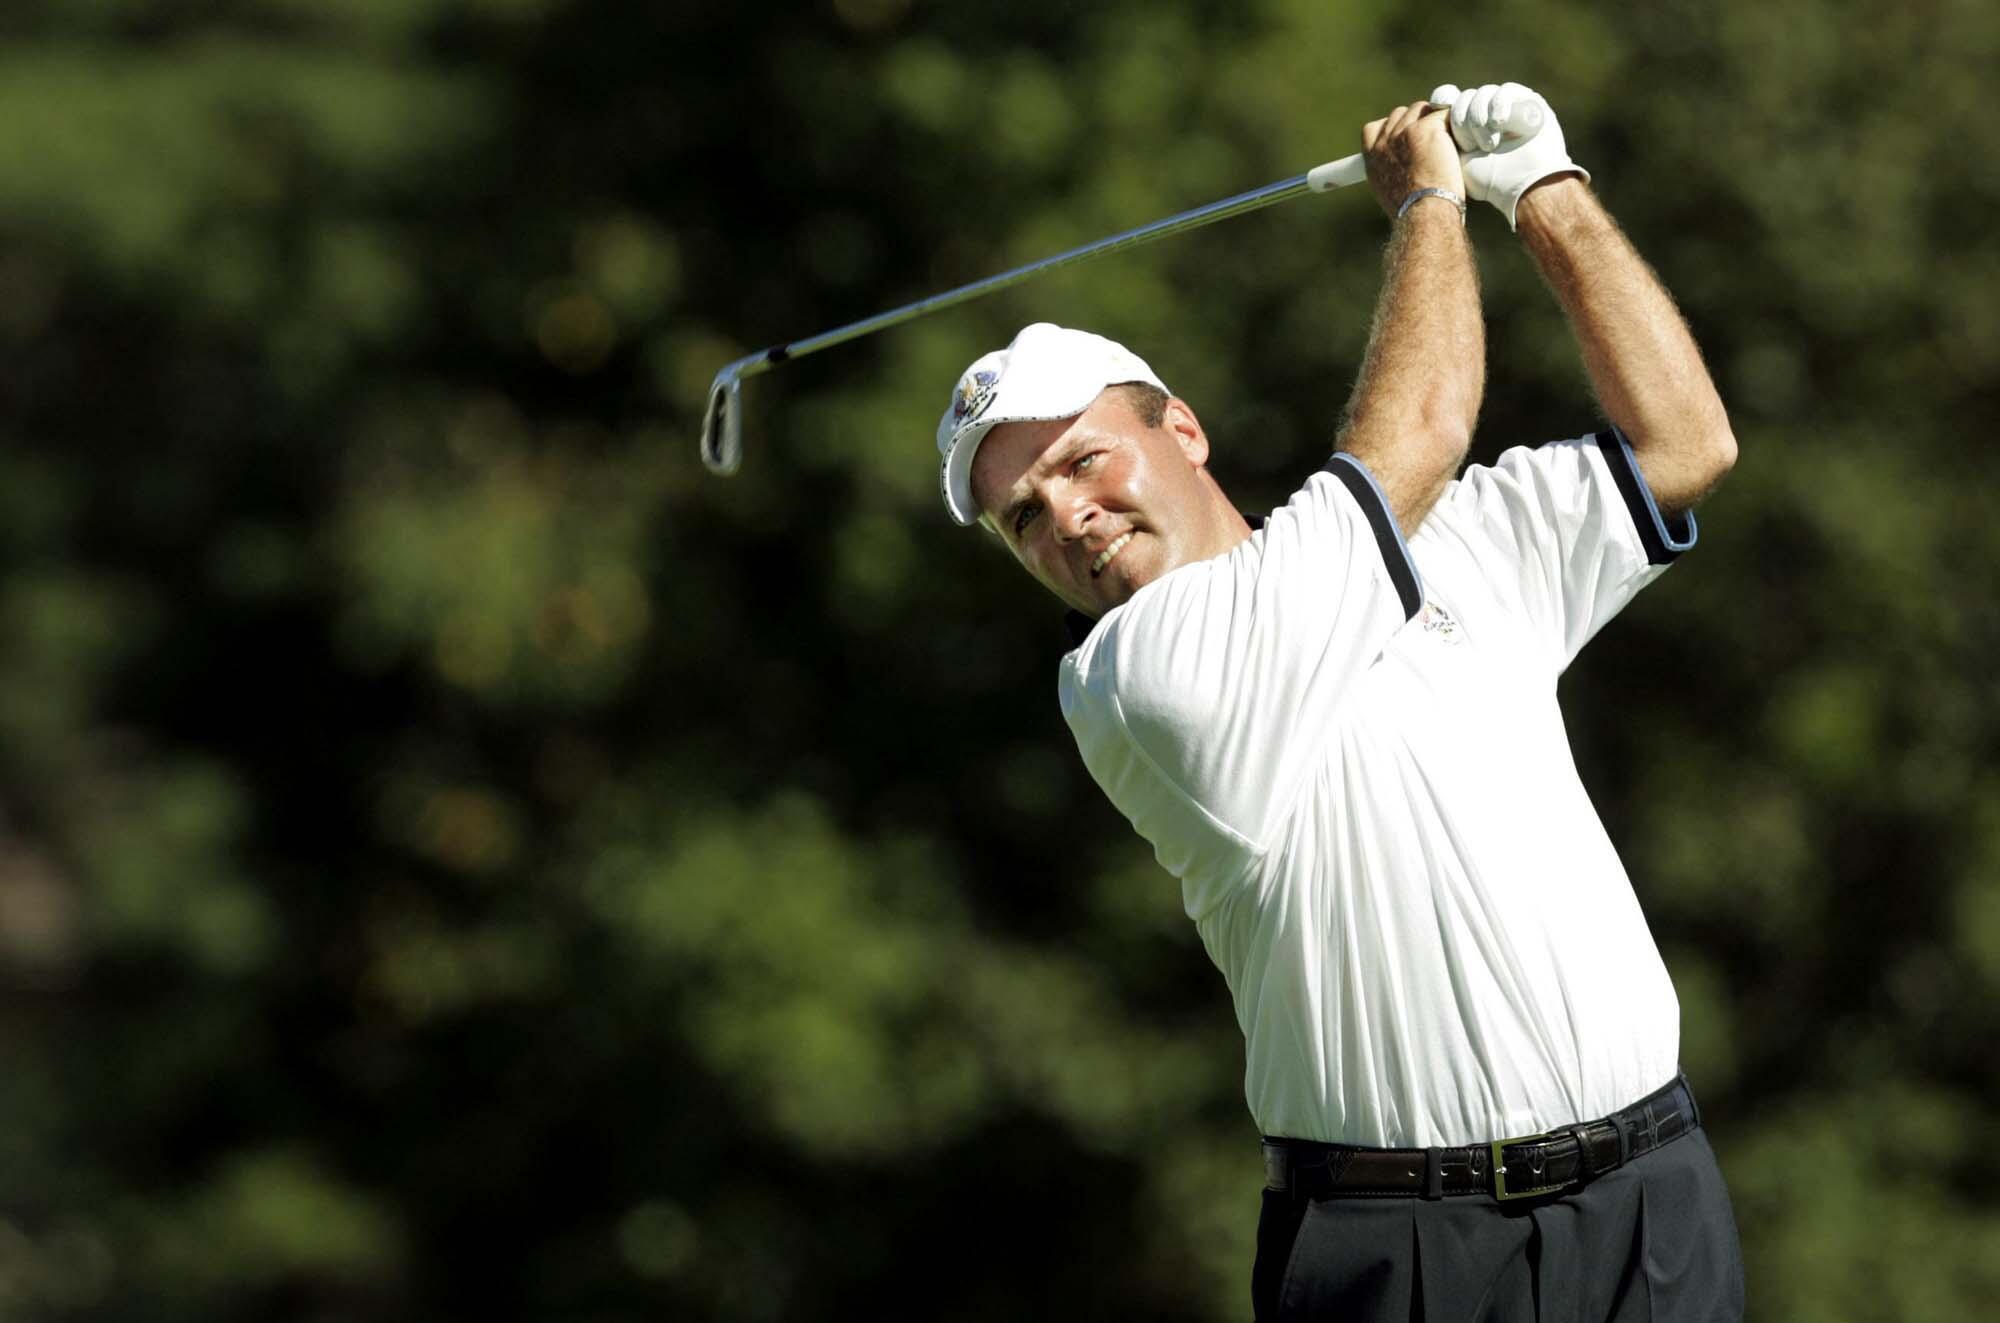 Thomas Levet, seul vainqueur français de la Ryder Cup, au départ, le 18 septembre 2004 au Oakland Hills Country Club, à Bloomfield Township, dans le Michigan.